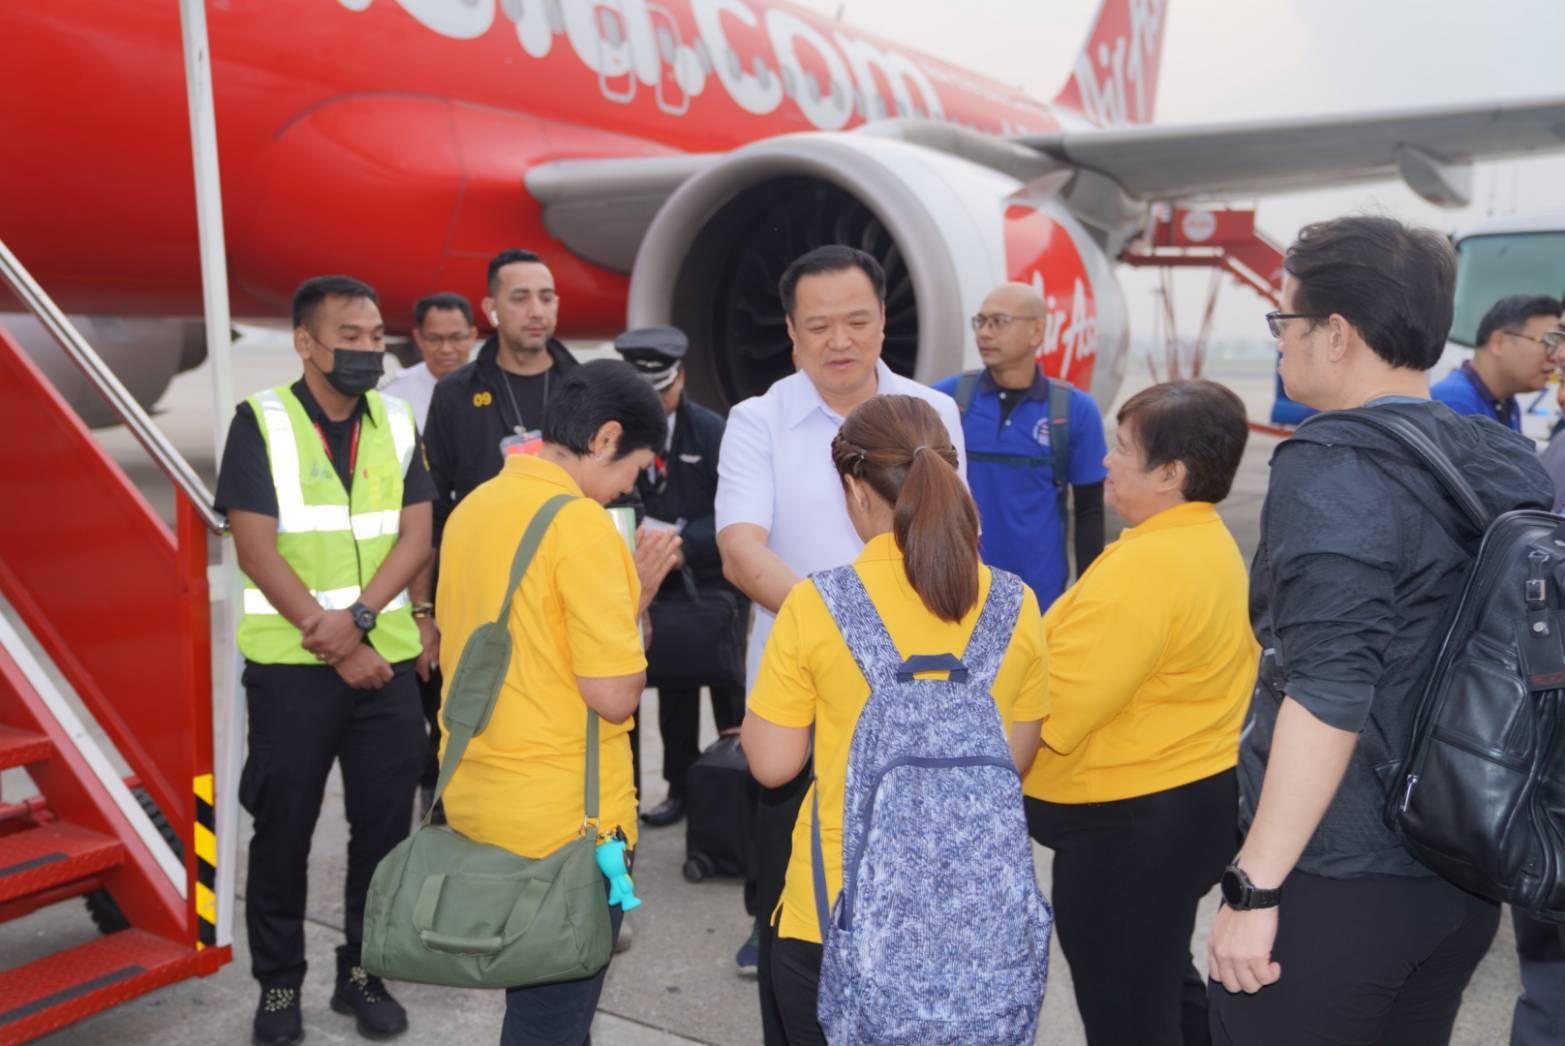 ข่าวสดวันนี้ คนไทยในอู่ฮั่น อนุทิน ชาญวีรกุล แอร์เอเชีย